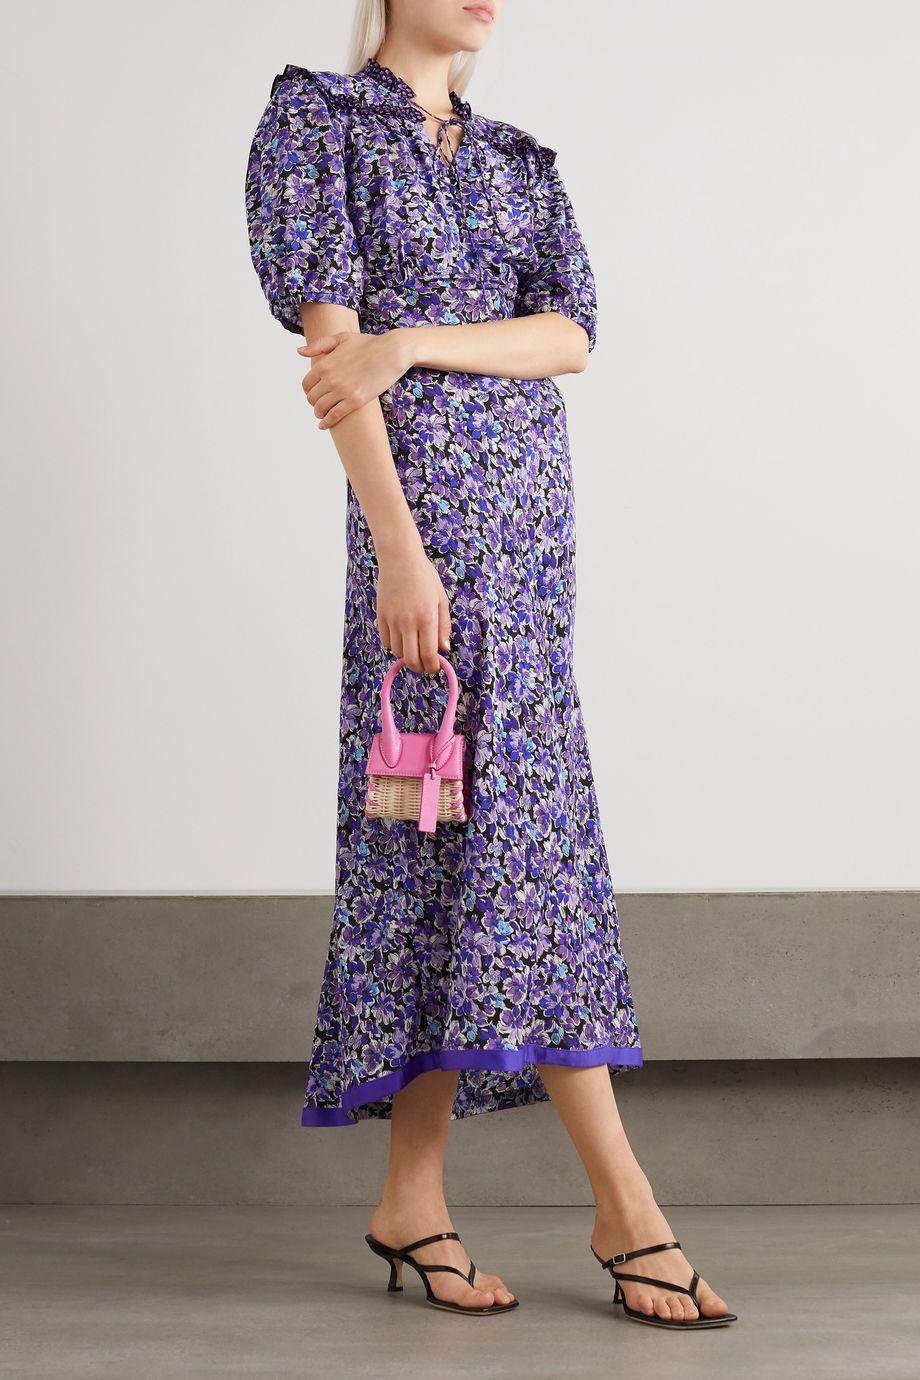 RIXO Gwen Midikleid aus einer Baumwoll-Seidenmischung mit Blumenprint und Schluppe